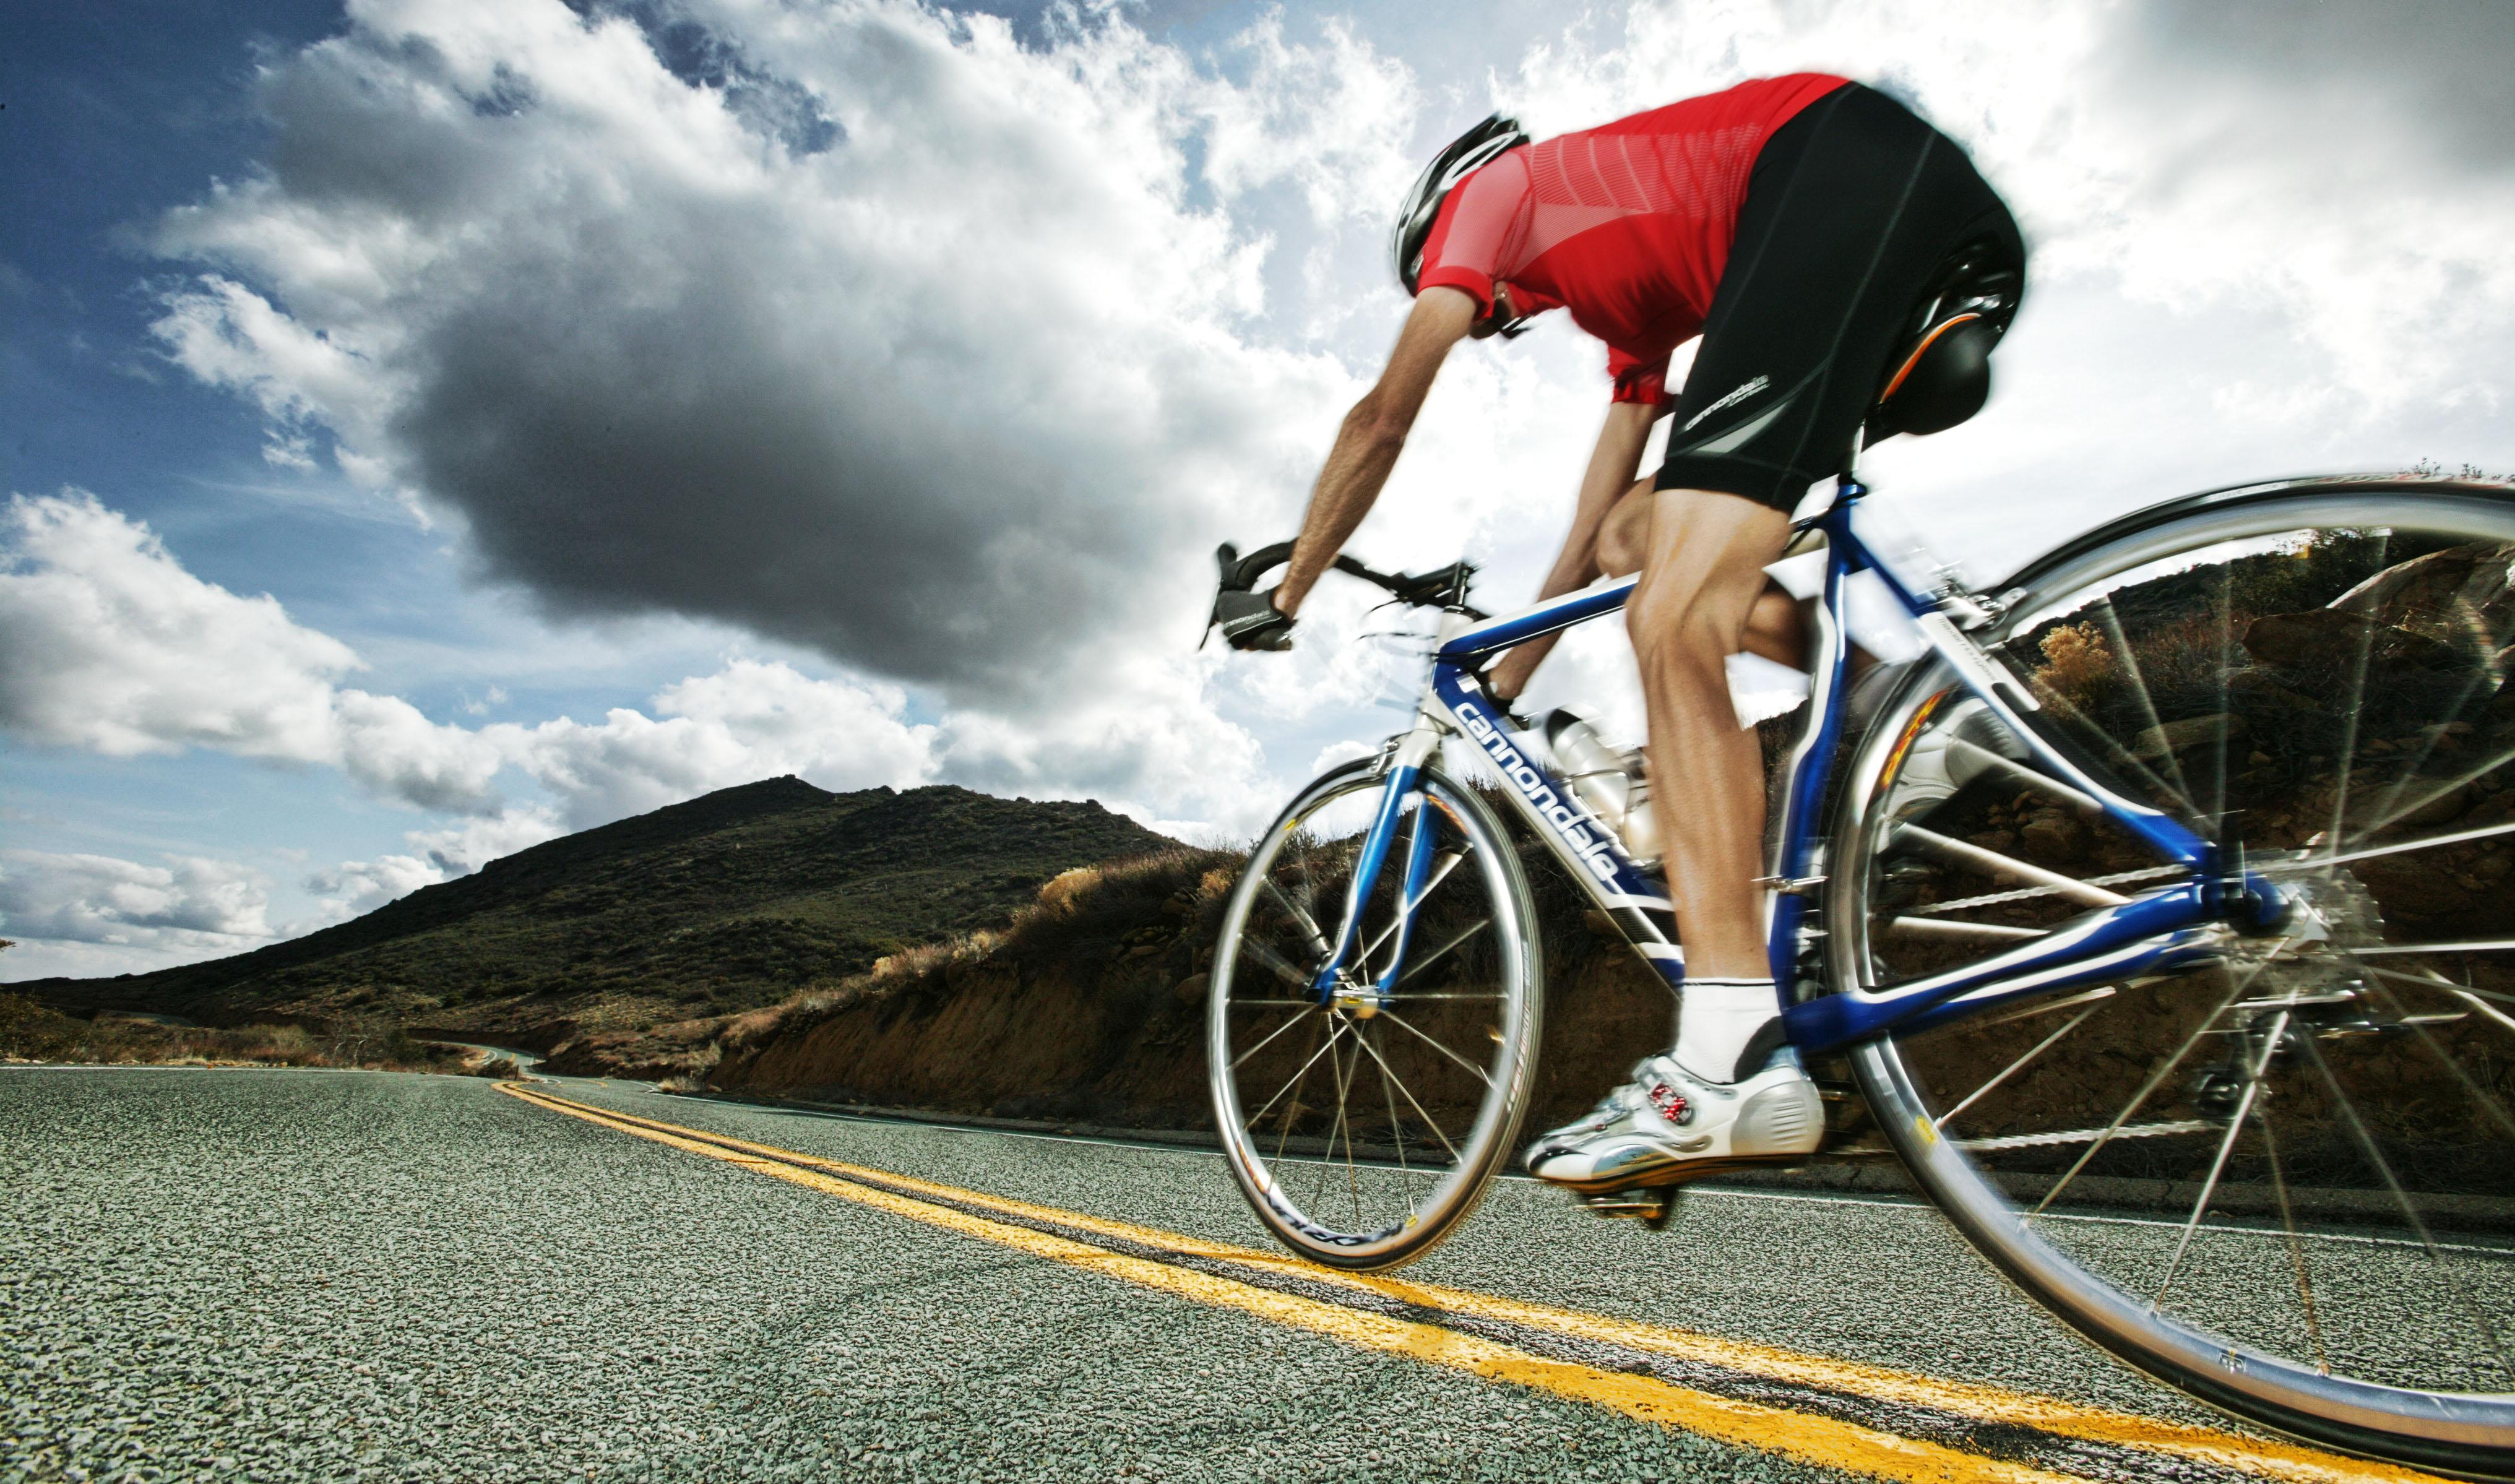 картинка спорт с велосипедами всегда